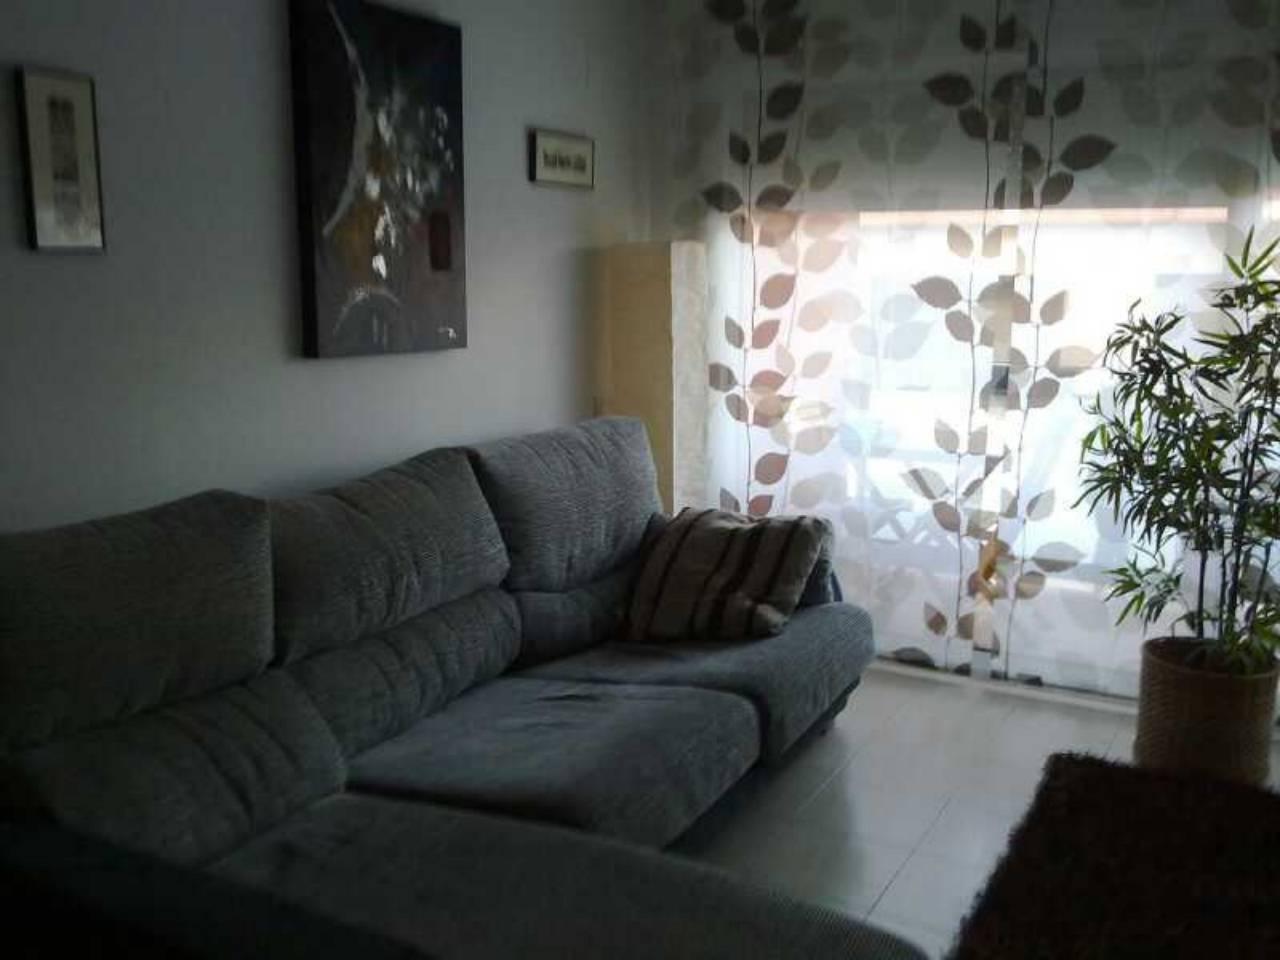 Pis  Zona instituto. 107 m²,  3 habitaciones (3 dobles) ,estudio,   1 baño.